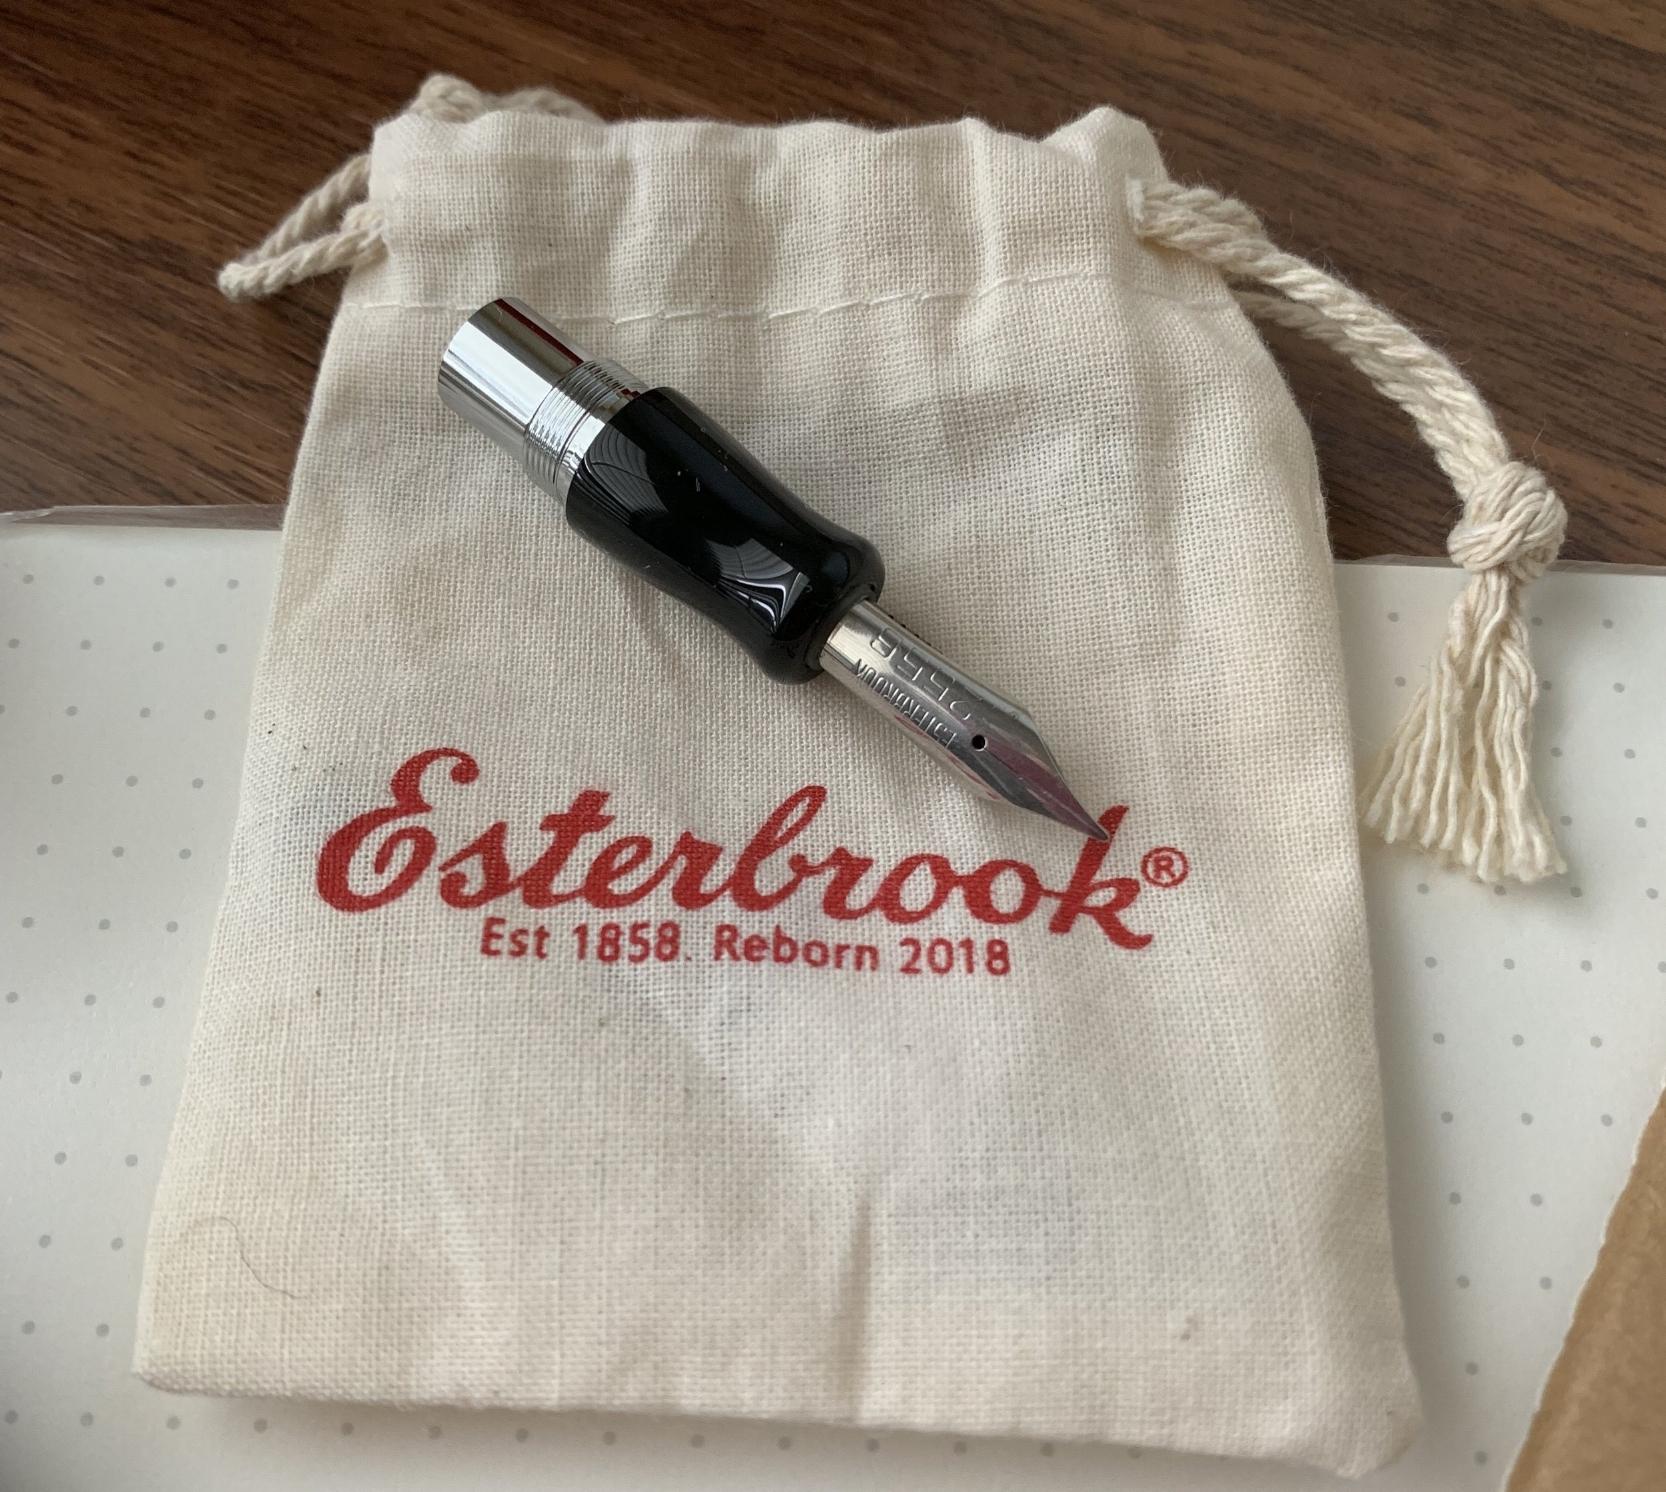 Esterbrook-Estie-MV-Adapter